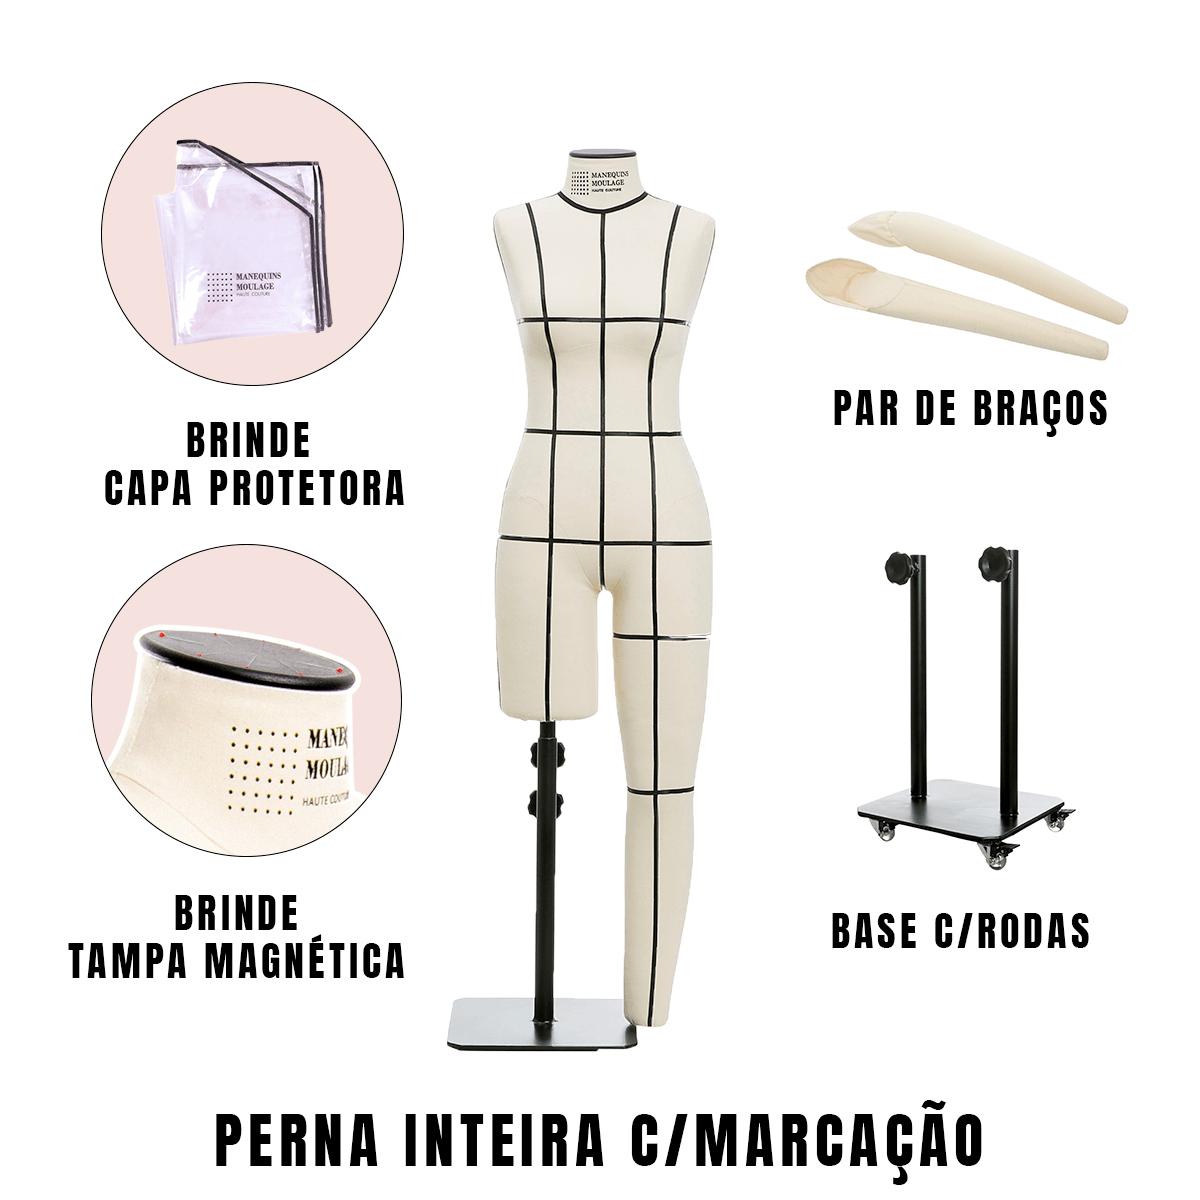 Manequim Feminino Perna Inteira Tamanho 42 com Braços, Rodas e Marcação - SOB ENCOMENDA